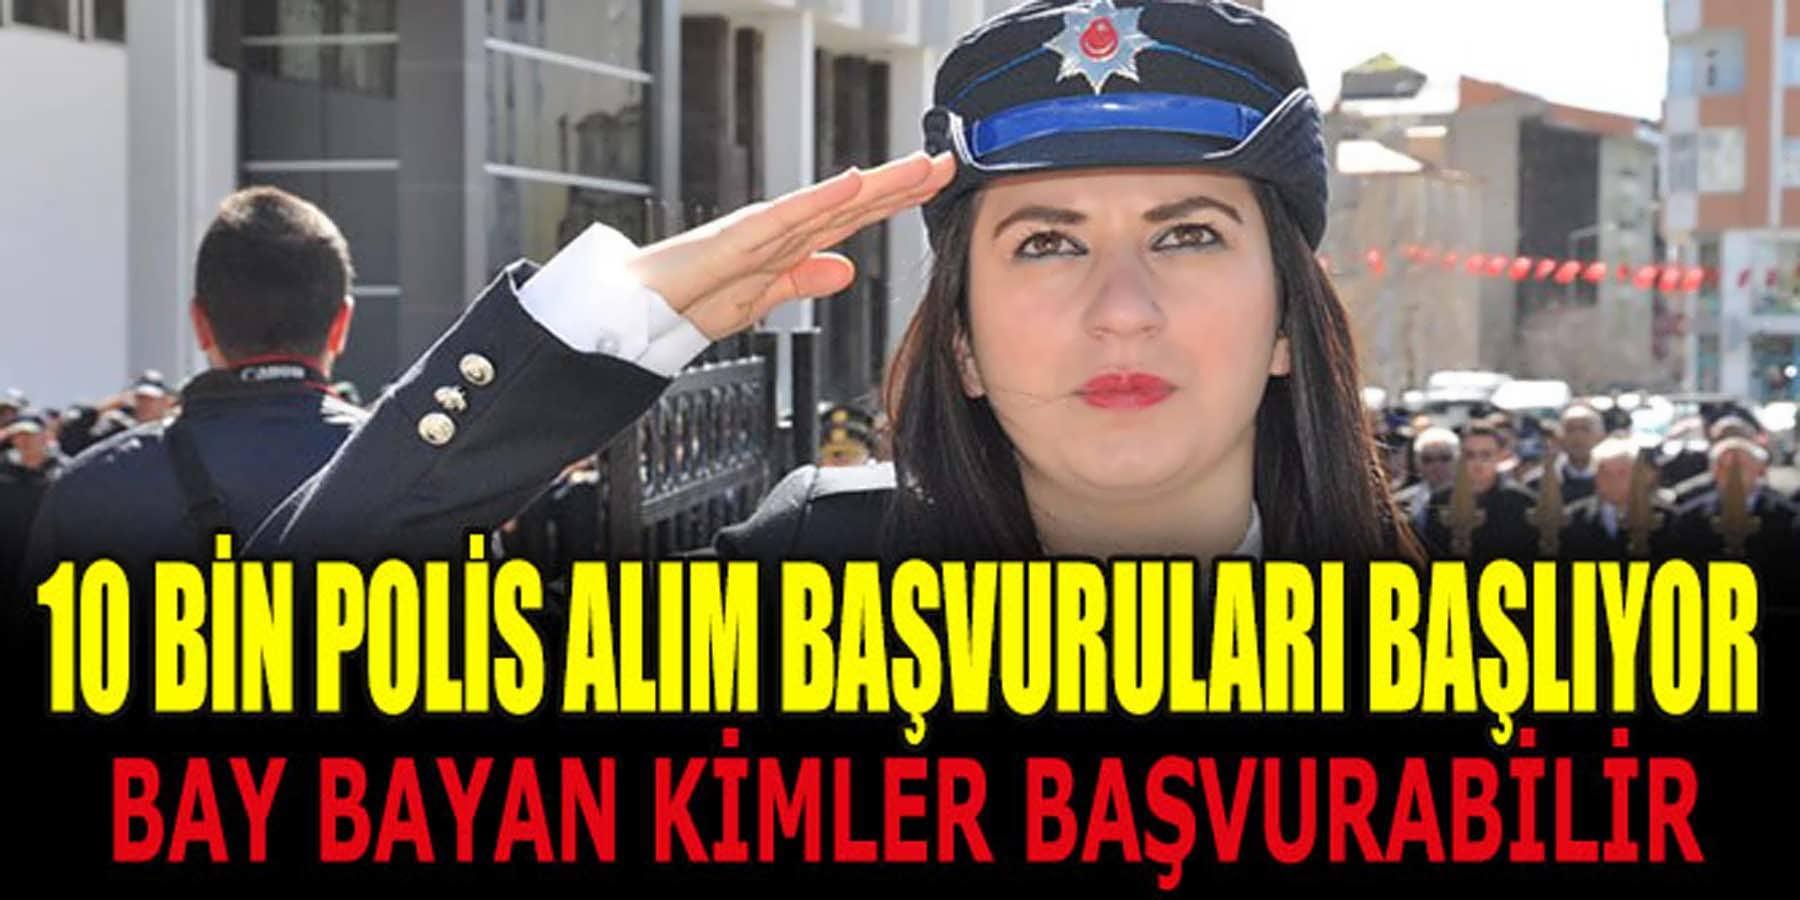 10 Bin Polis Alımına Bay Bayan Kimler Başvurabilir